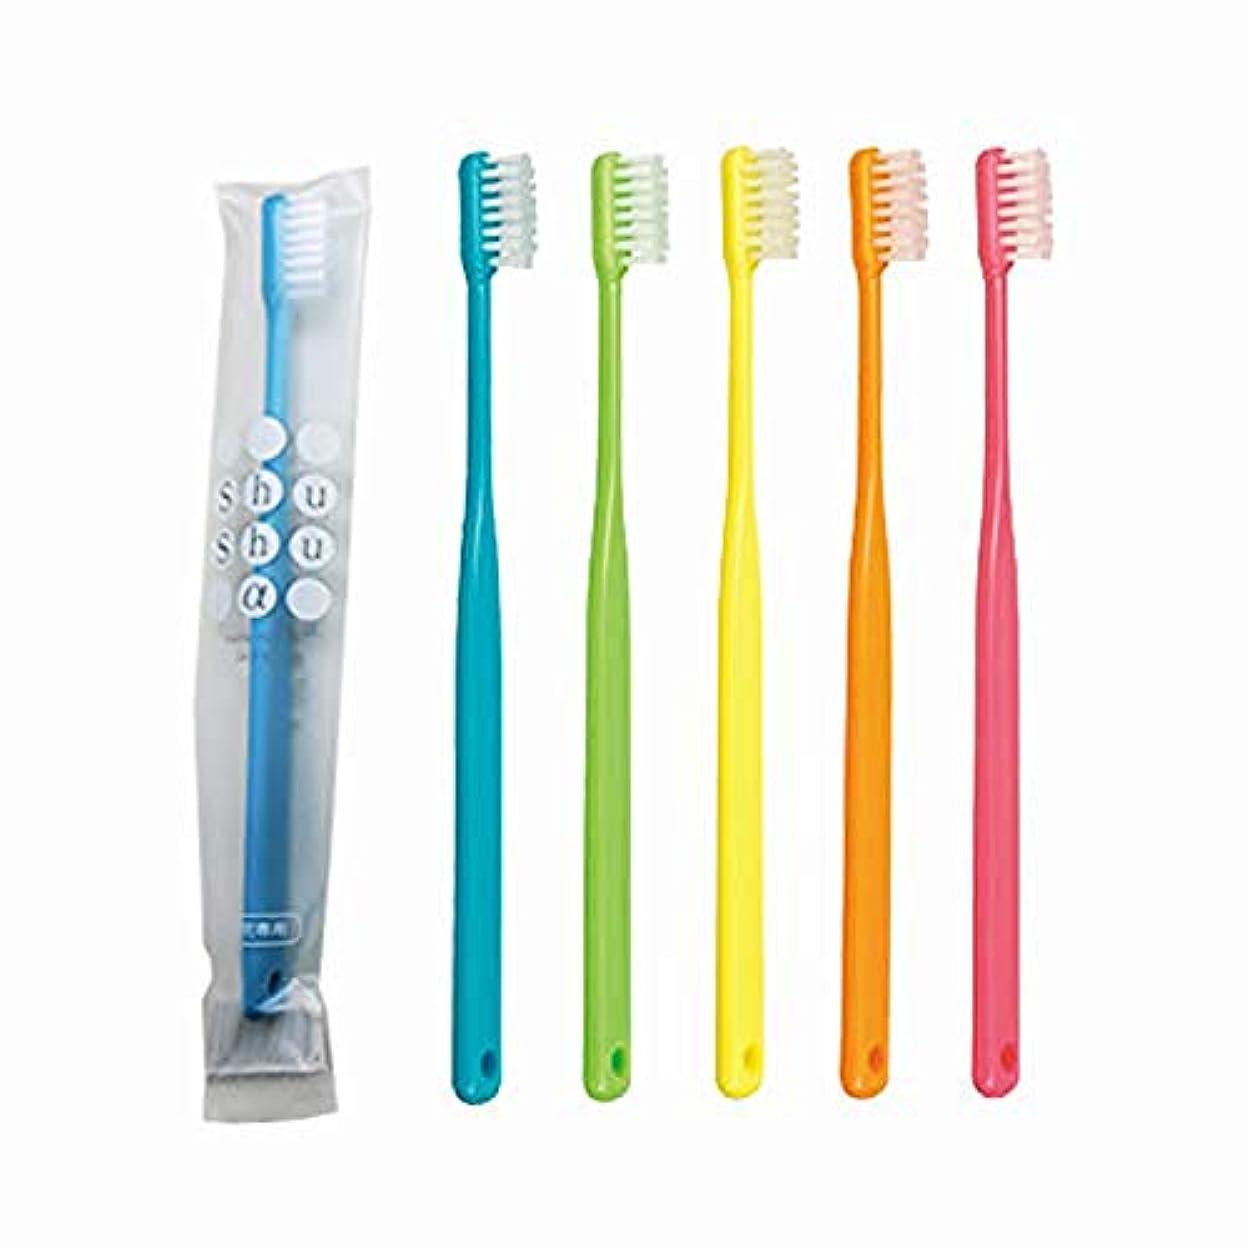 窒息させる優しさ旧正月歯科専売品 大人用歯ブラシ FEED Shu Shu α(シュシュアルファ)×10本 S (やわらかめ)